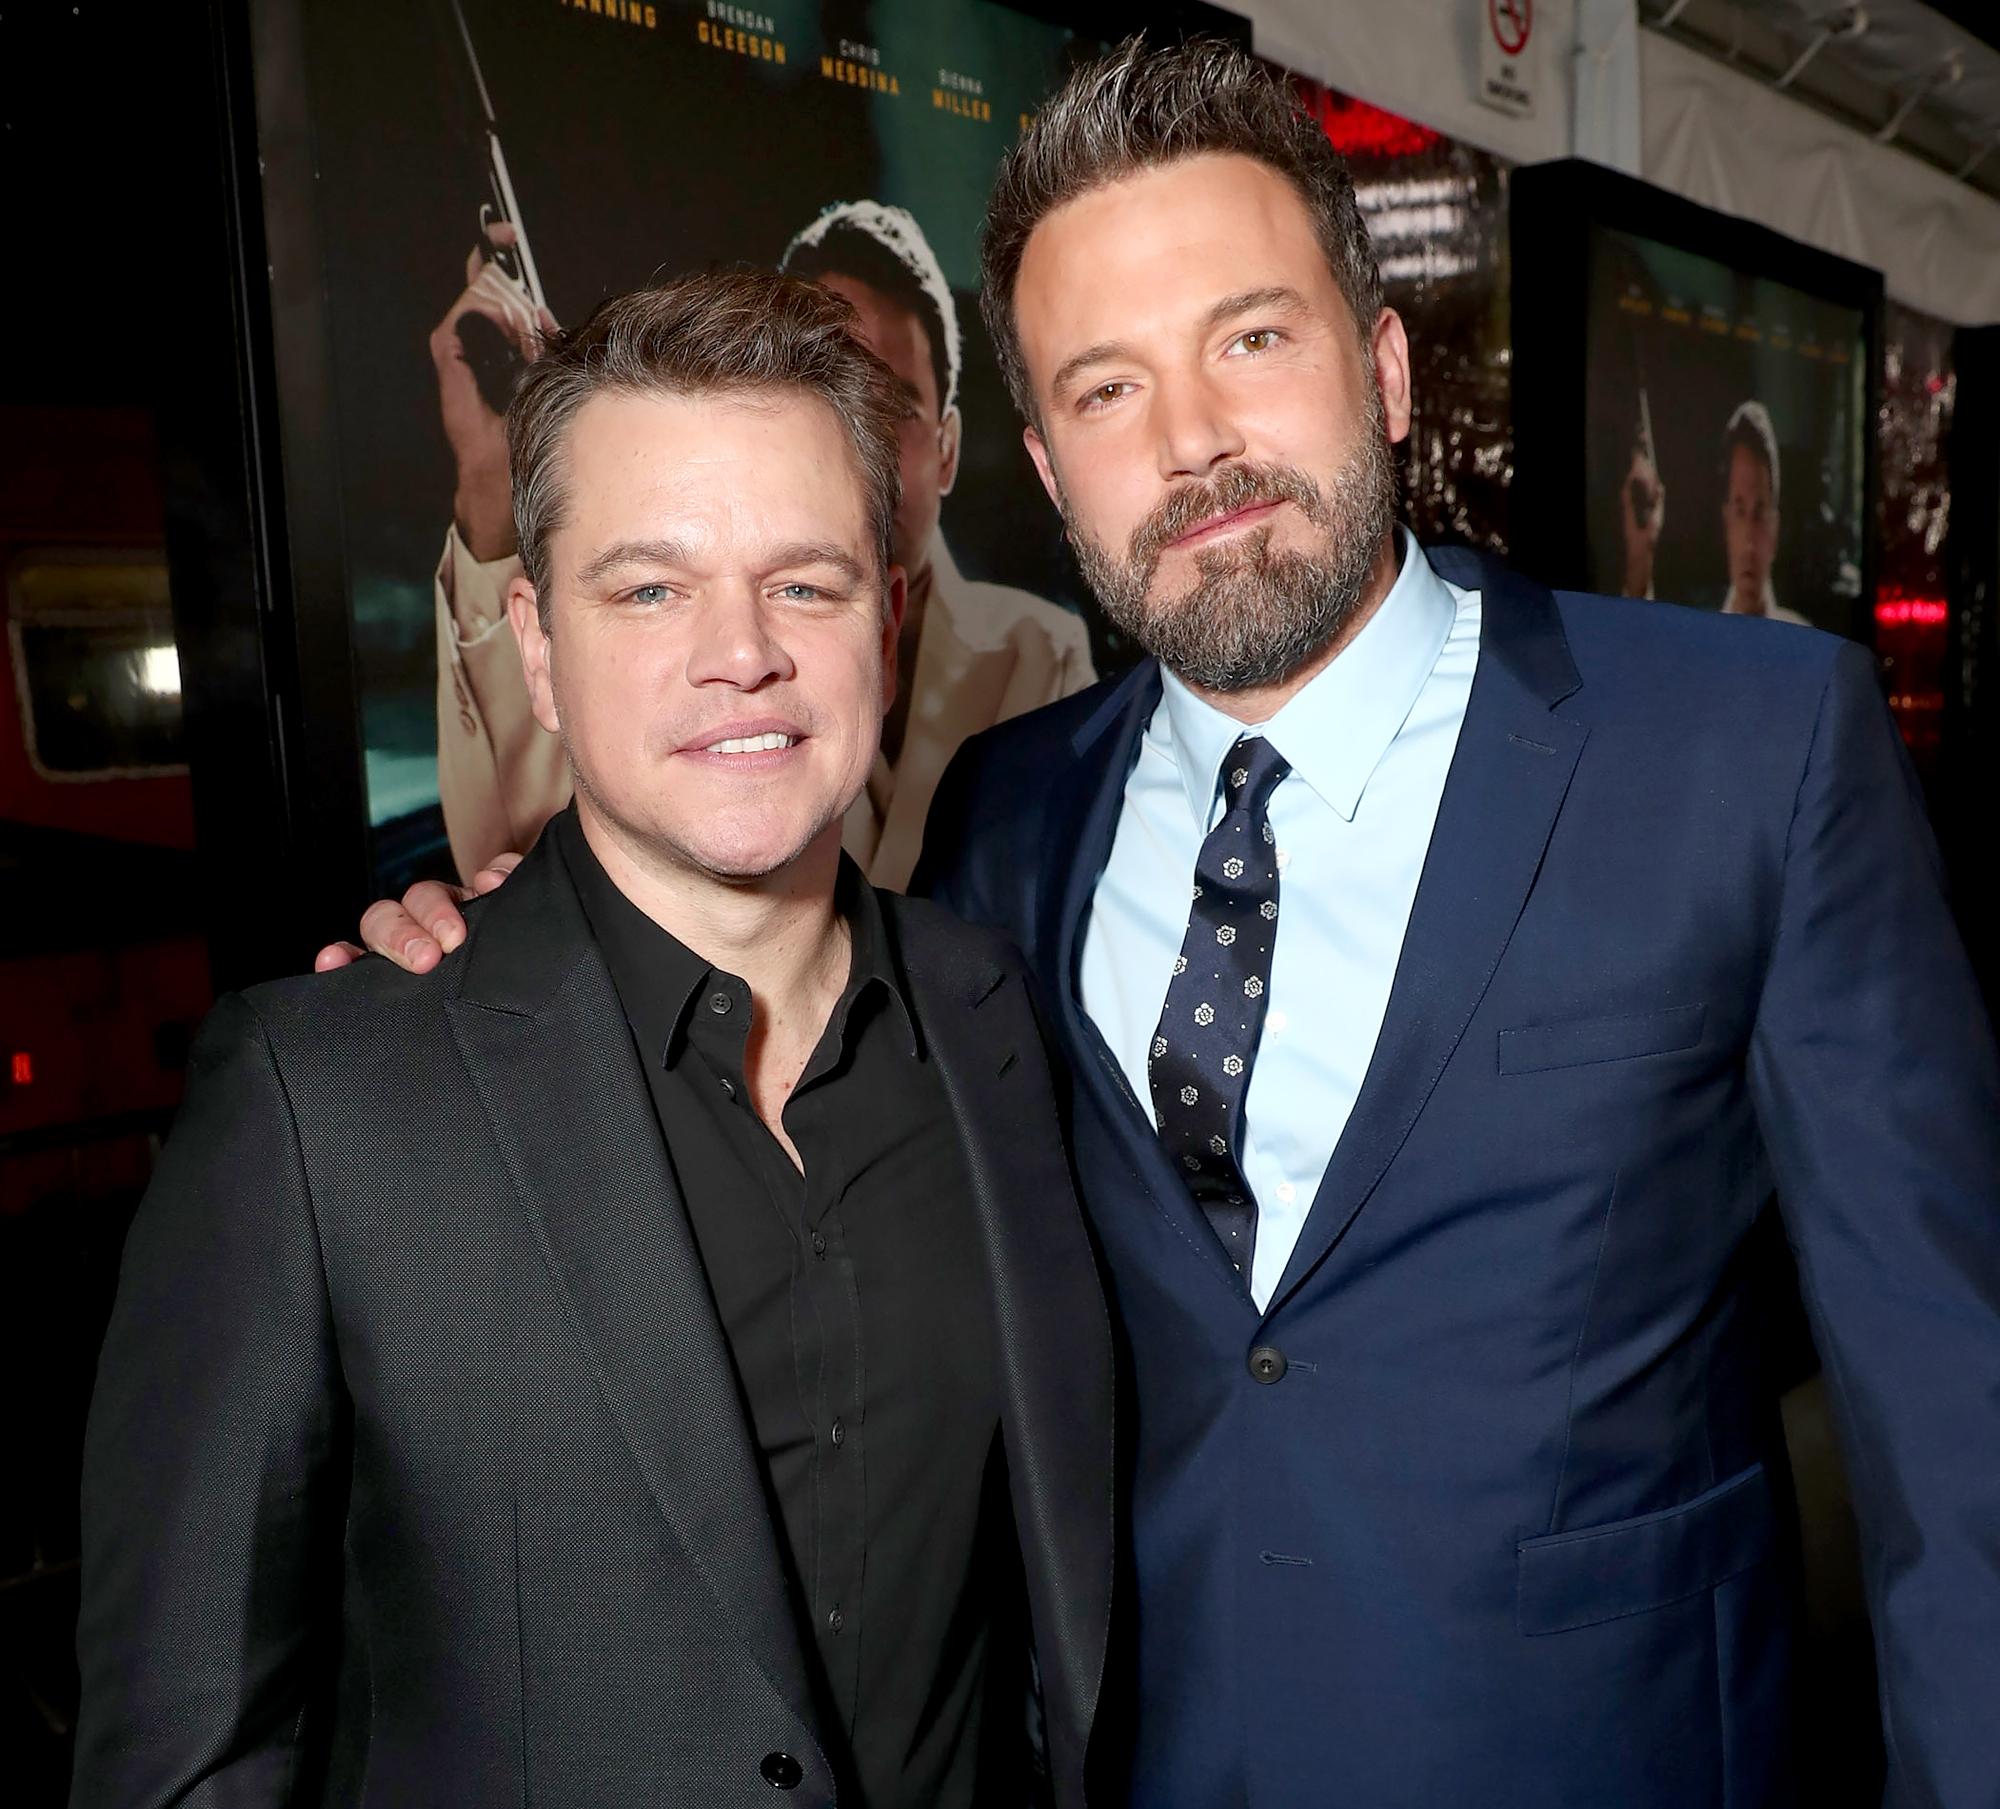 Ben-Affleck-and-Matt-Damon-Reteaming